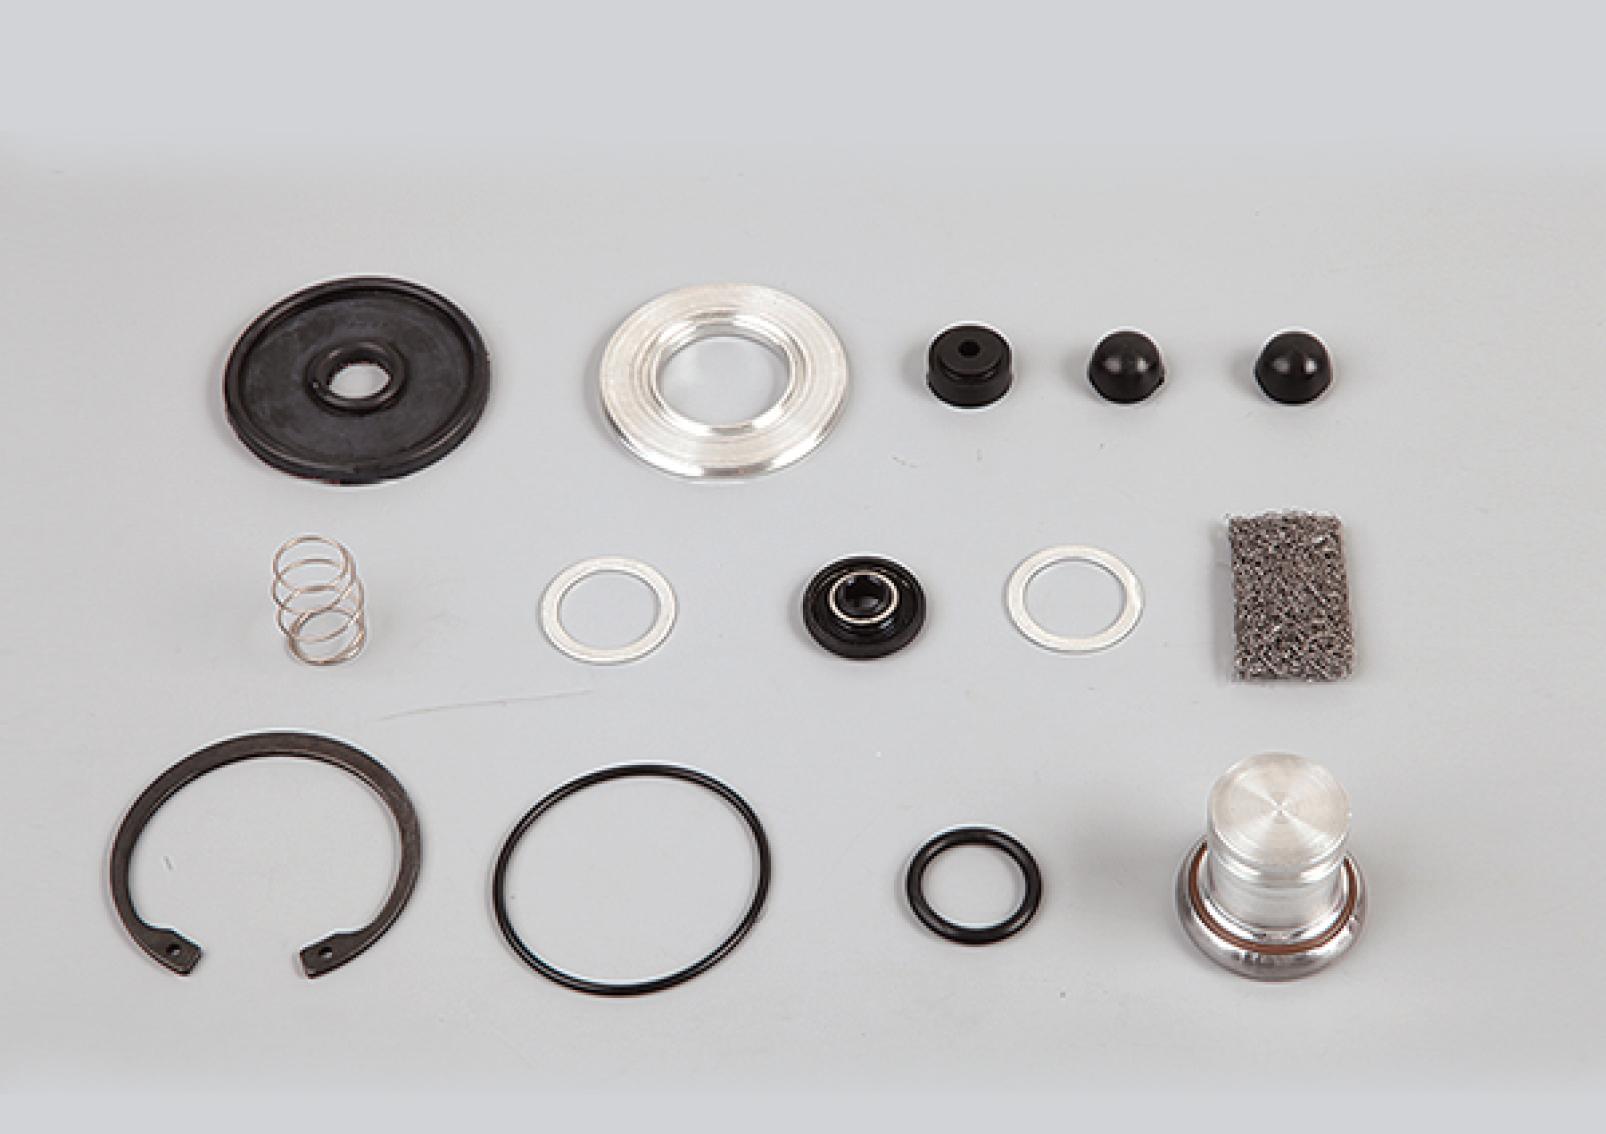 Air Dryer Valve Repair Kit,  1 487 0 10 102